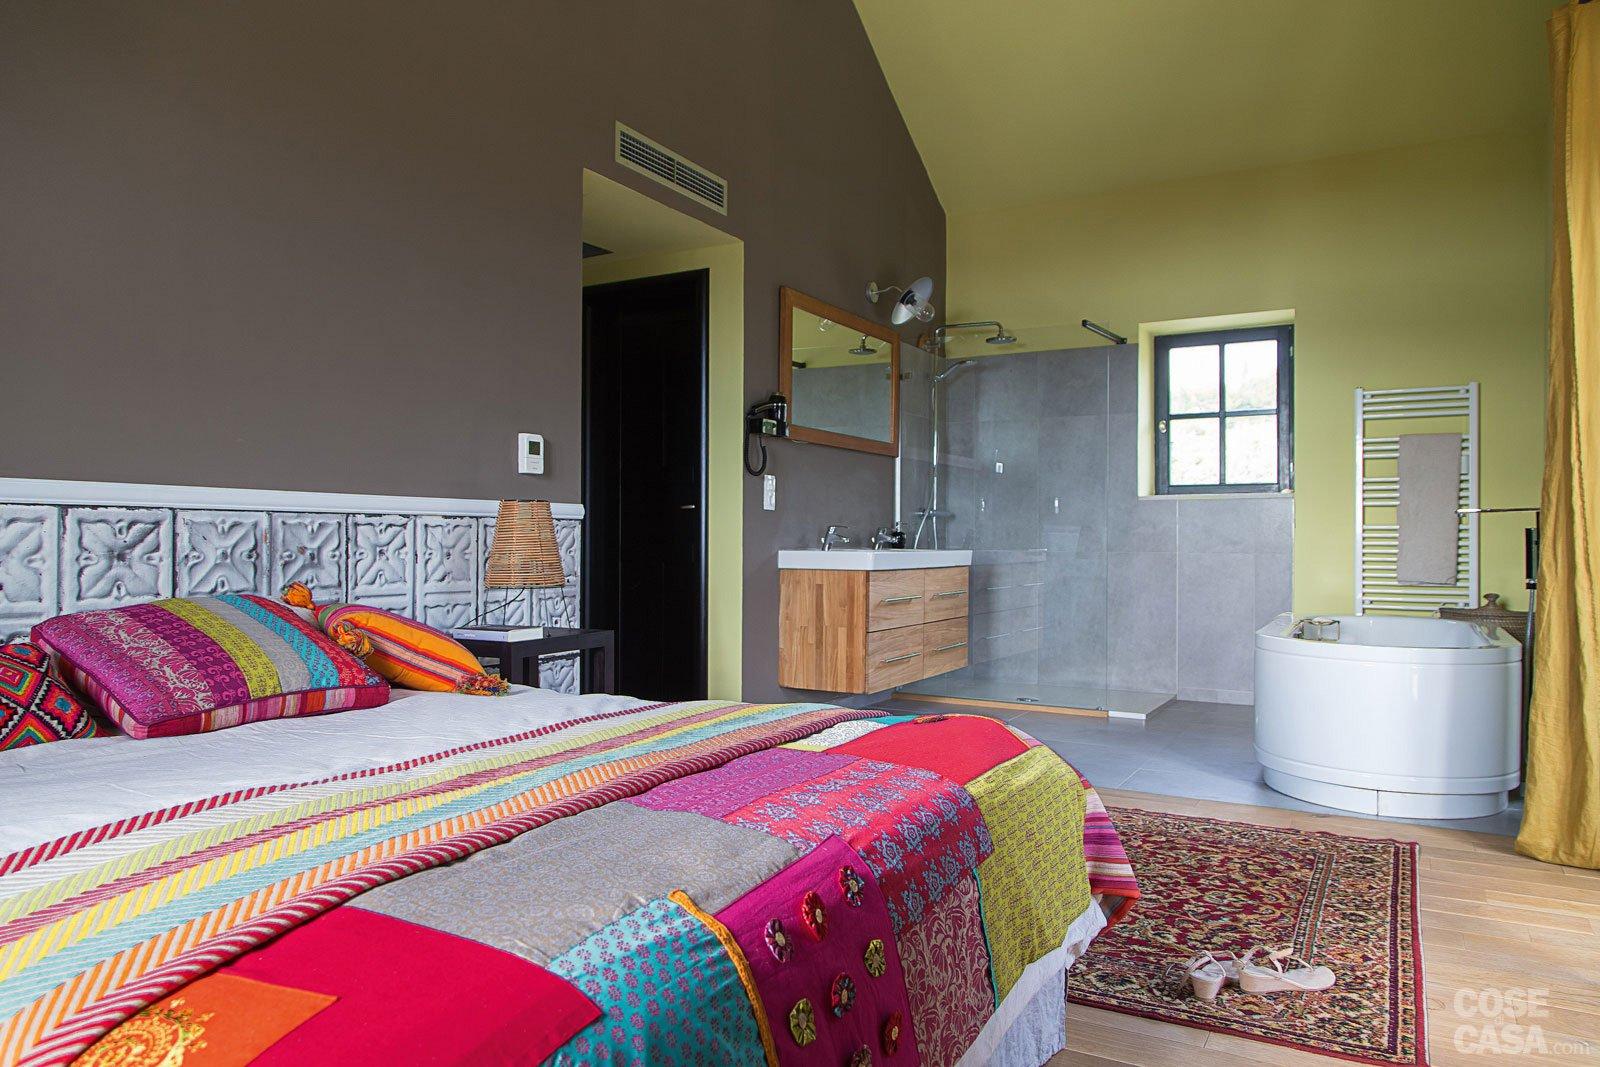 Case esterni muri - Colore esterno casa tortora ...